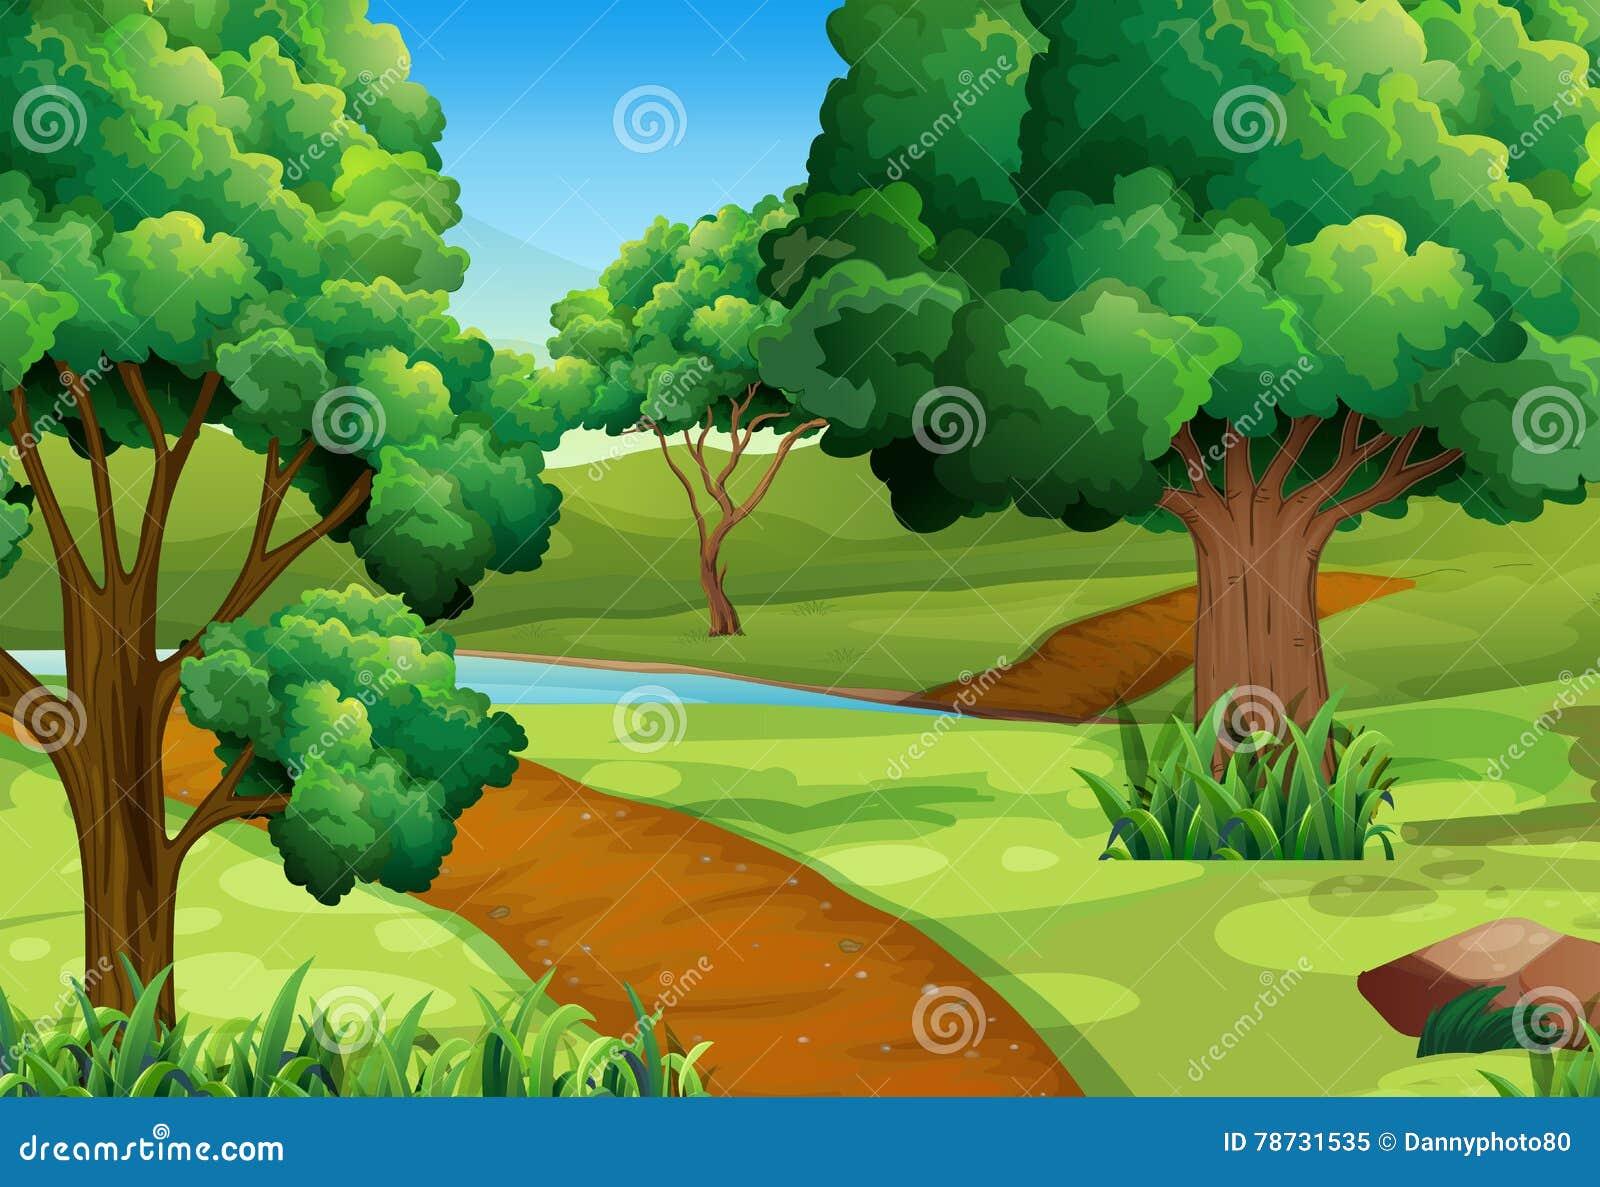 Plats med träd längs slingan